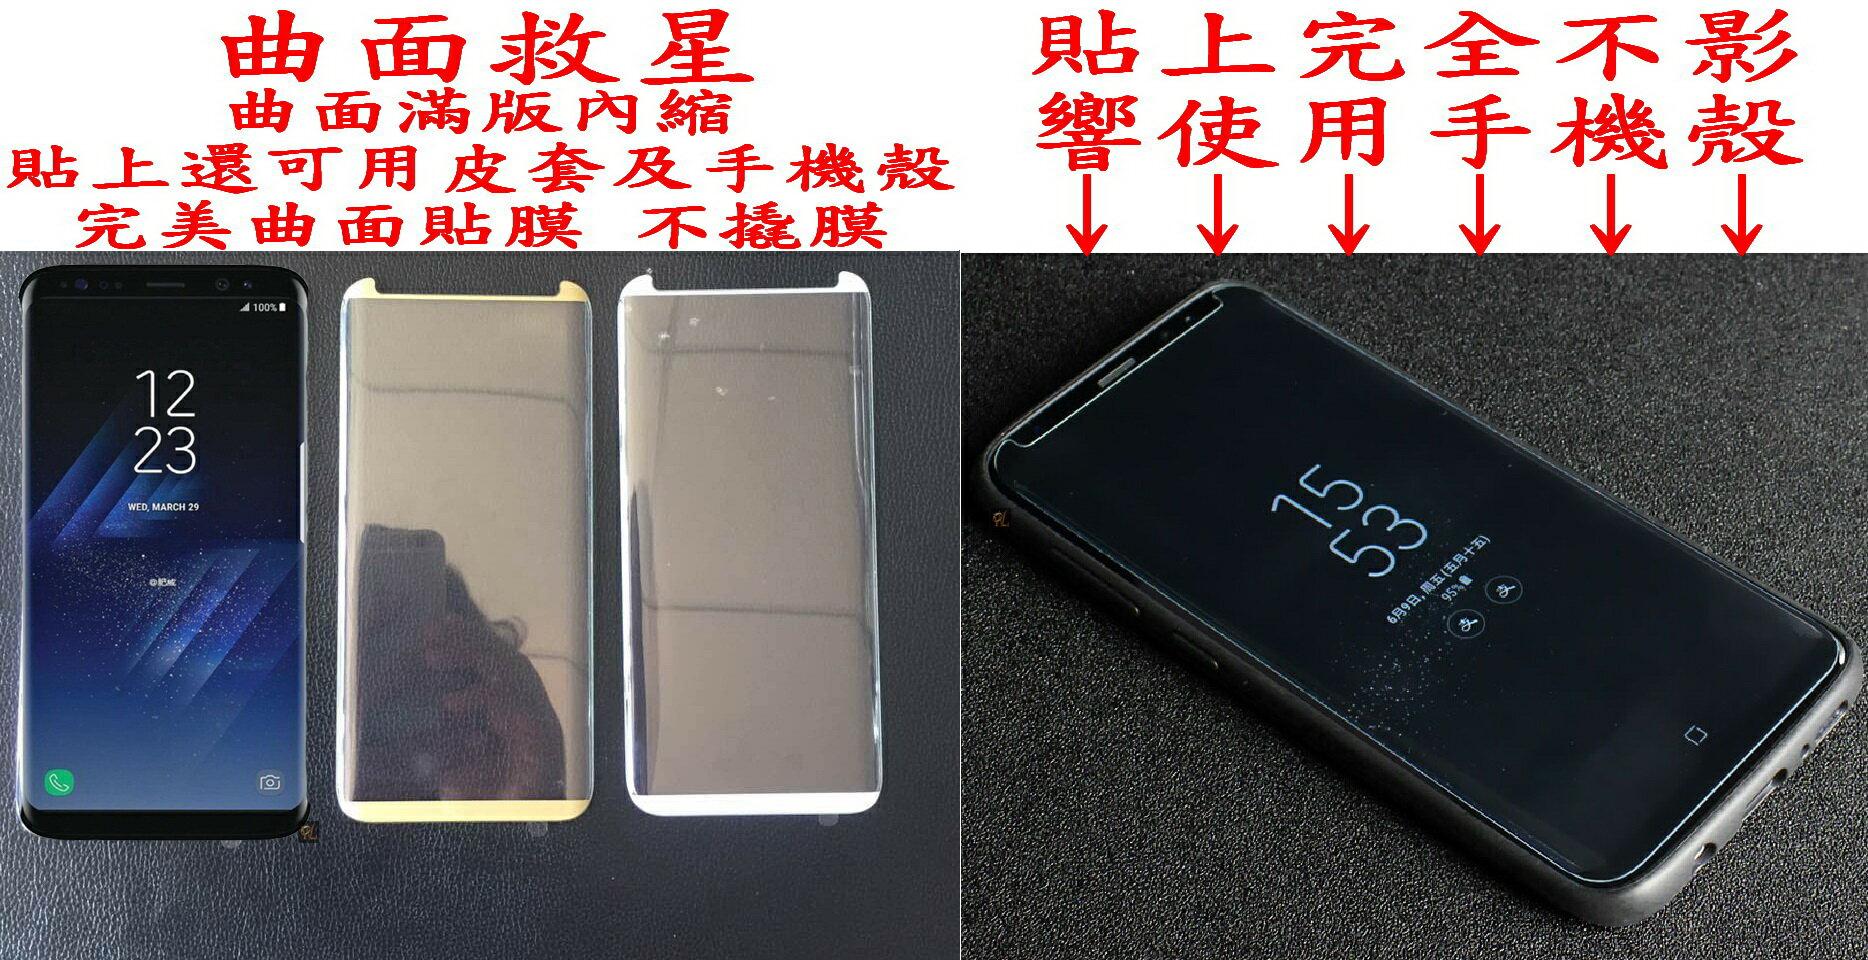 三星 S7 EDGE S8 S8 PLUS 曲面救星 內縮滿版玻璃貼 可完美使用皮套及手機殼 完全不撬膜 ★滿版9H鋼化玻璃貼膜 ★超薄0.26MM ★疏水疏油 ★極致手感 ★ 9H鋼化硬度